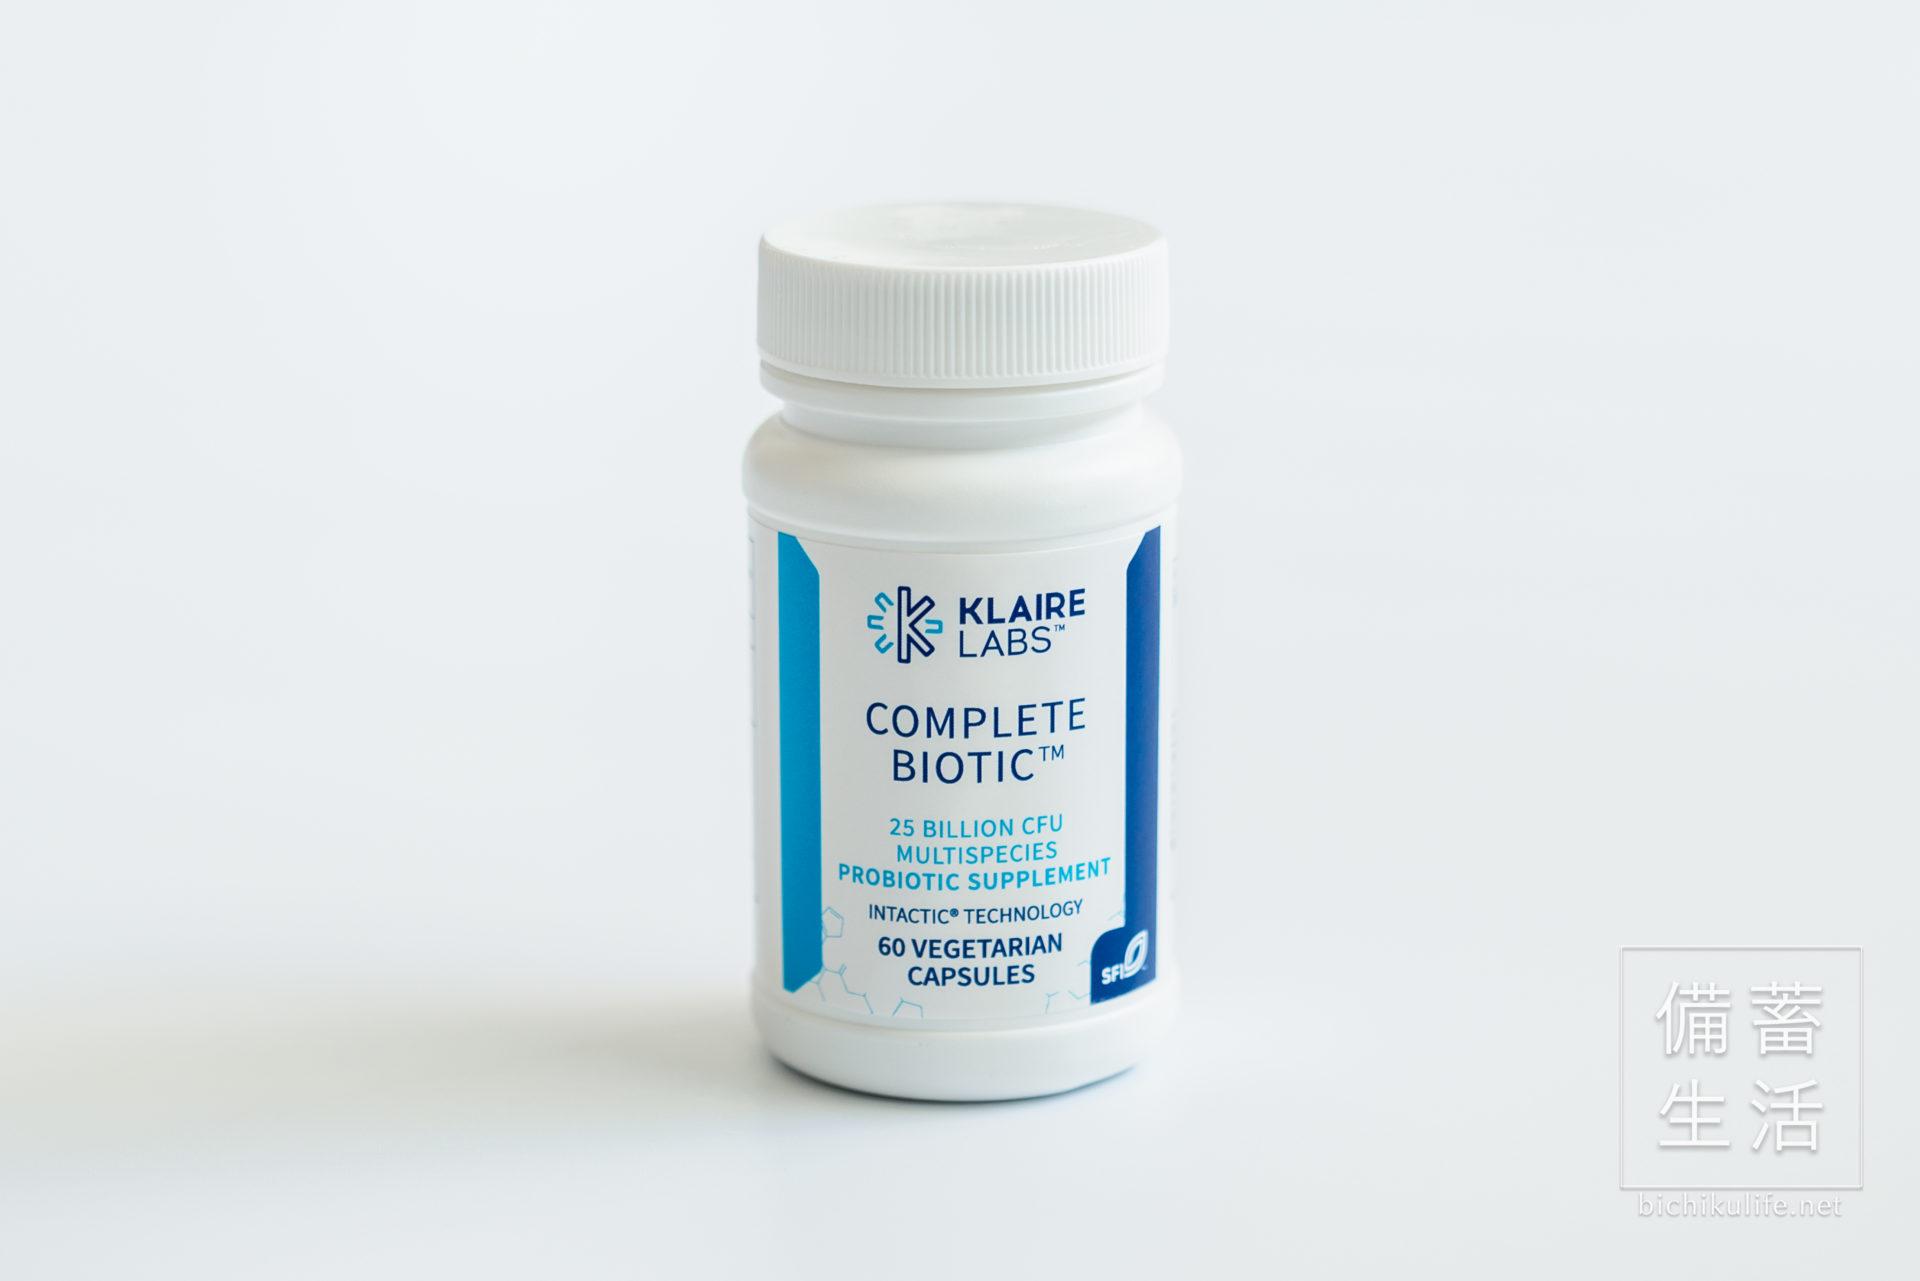 クレアラボ コンプリート バイオティック乳酸菌 Klaire Labs Complete Biotic